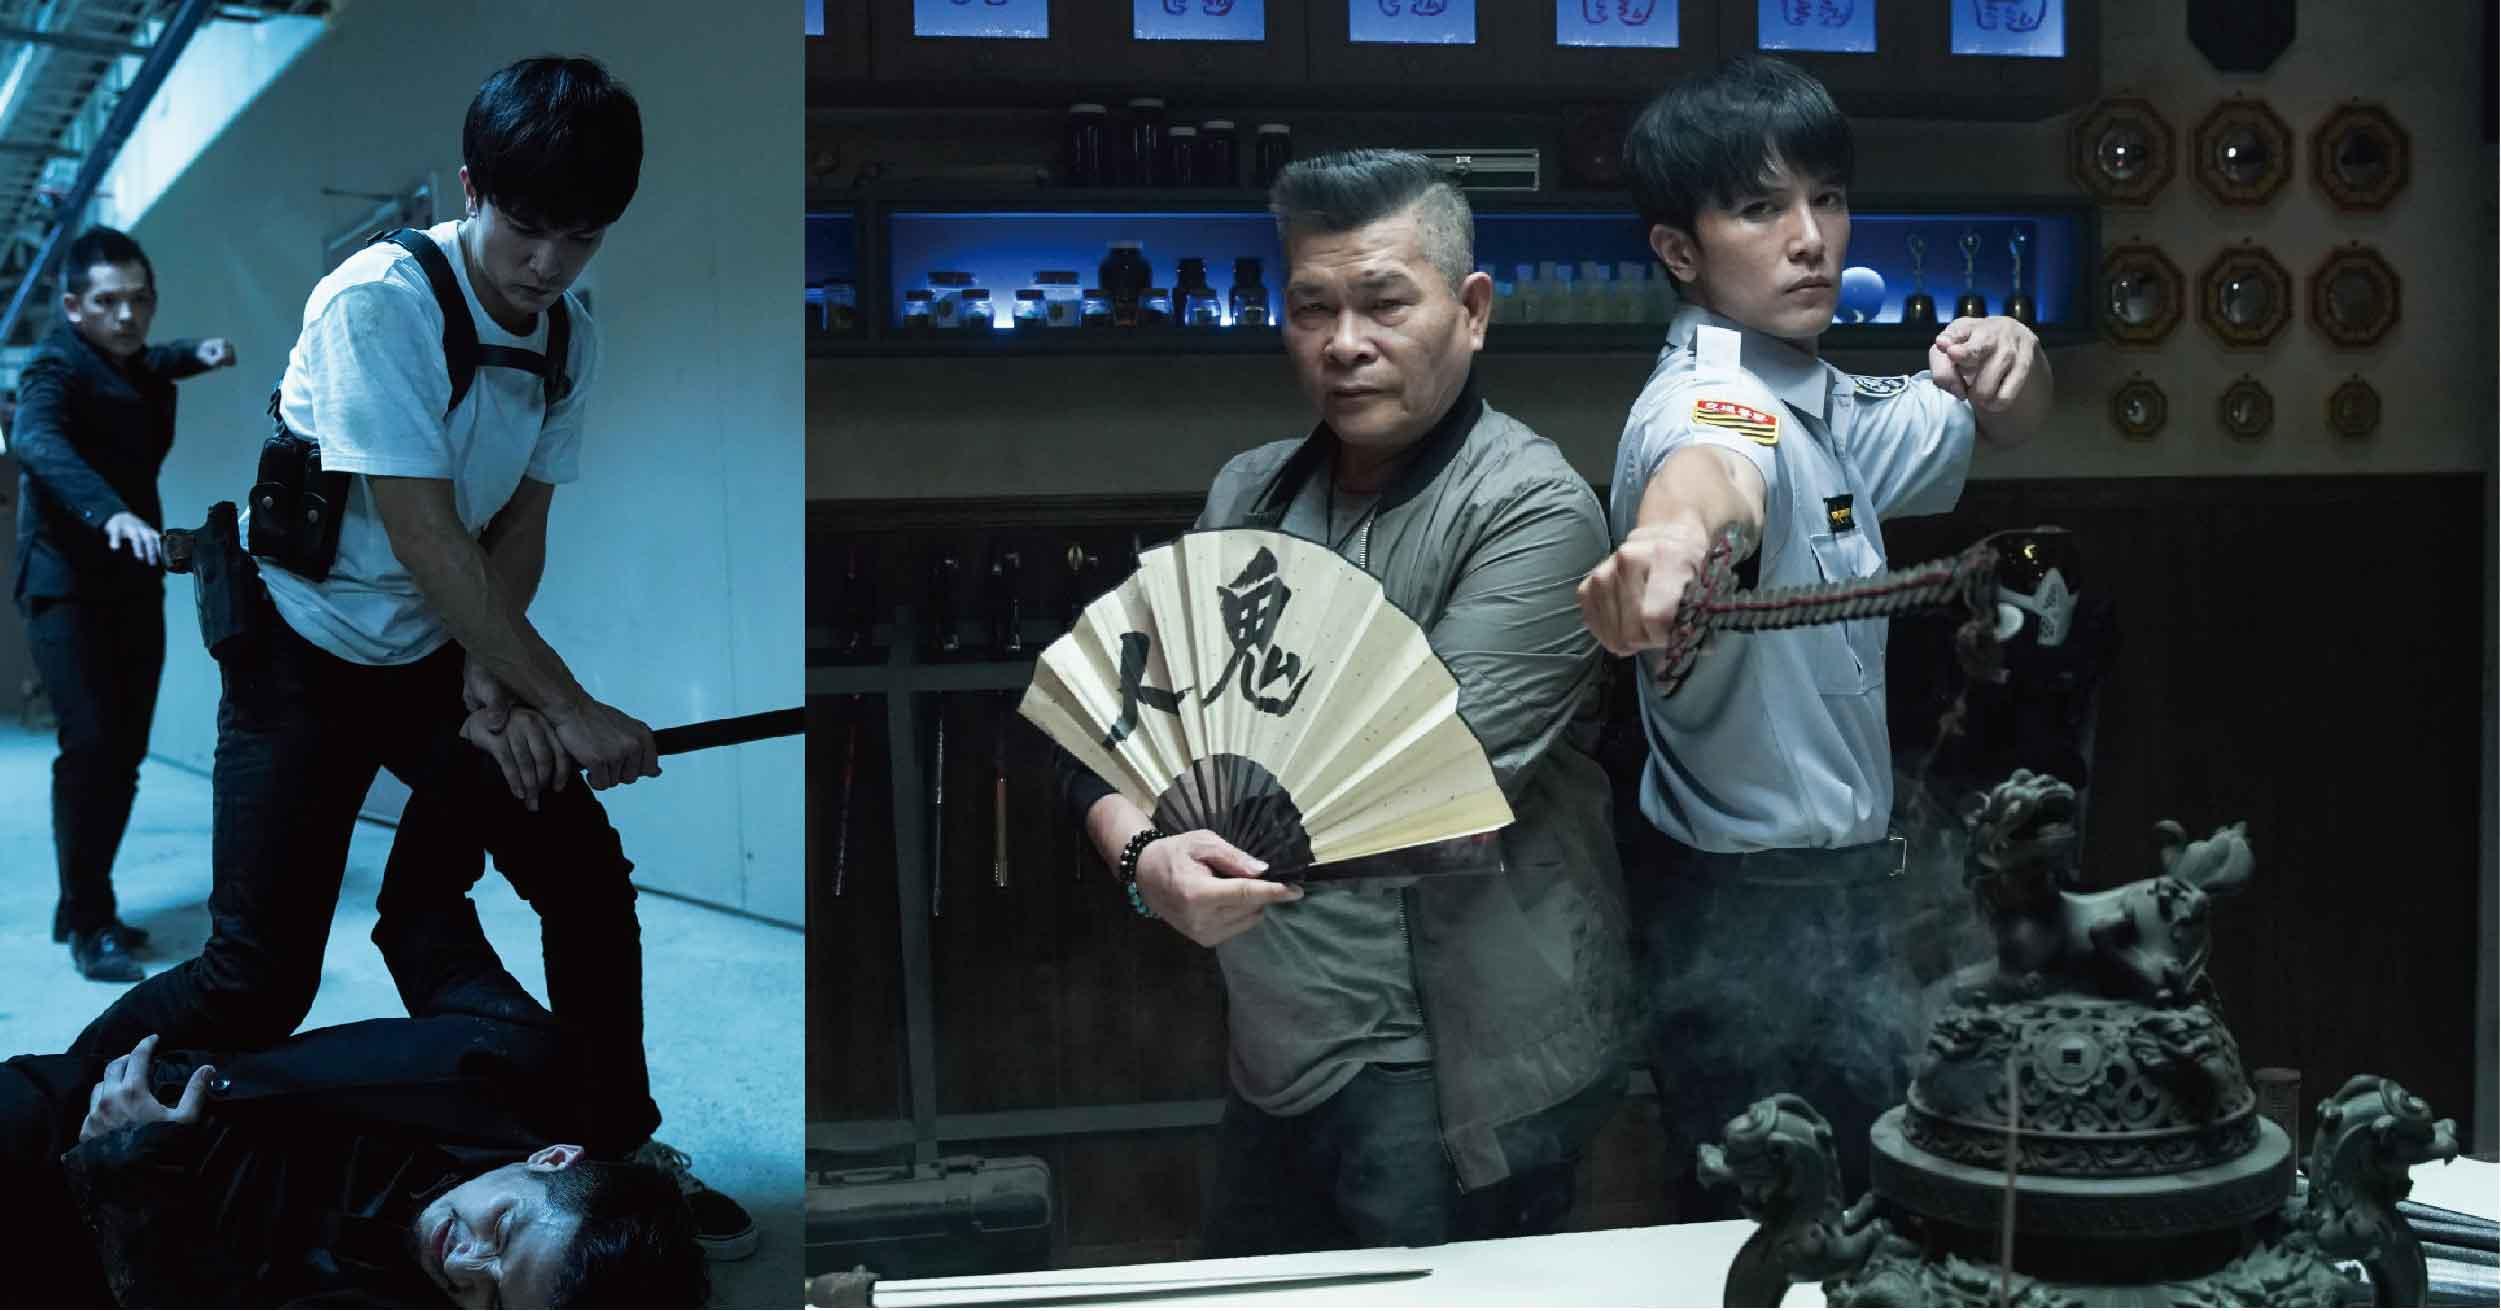 邱澤零替身演出《第九分局》!從早打到晚通靈辦靈異案件,自曝:「我很怕阿飄」